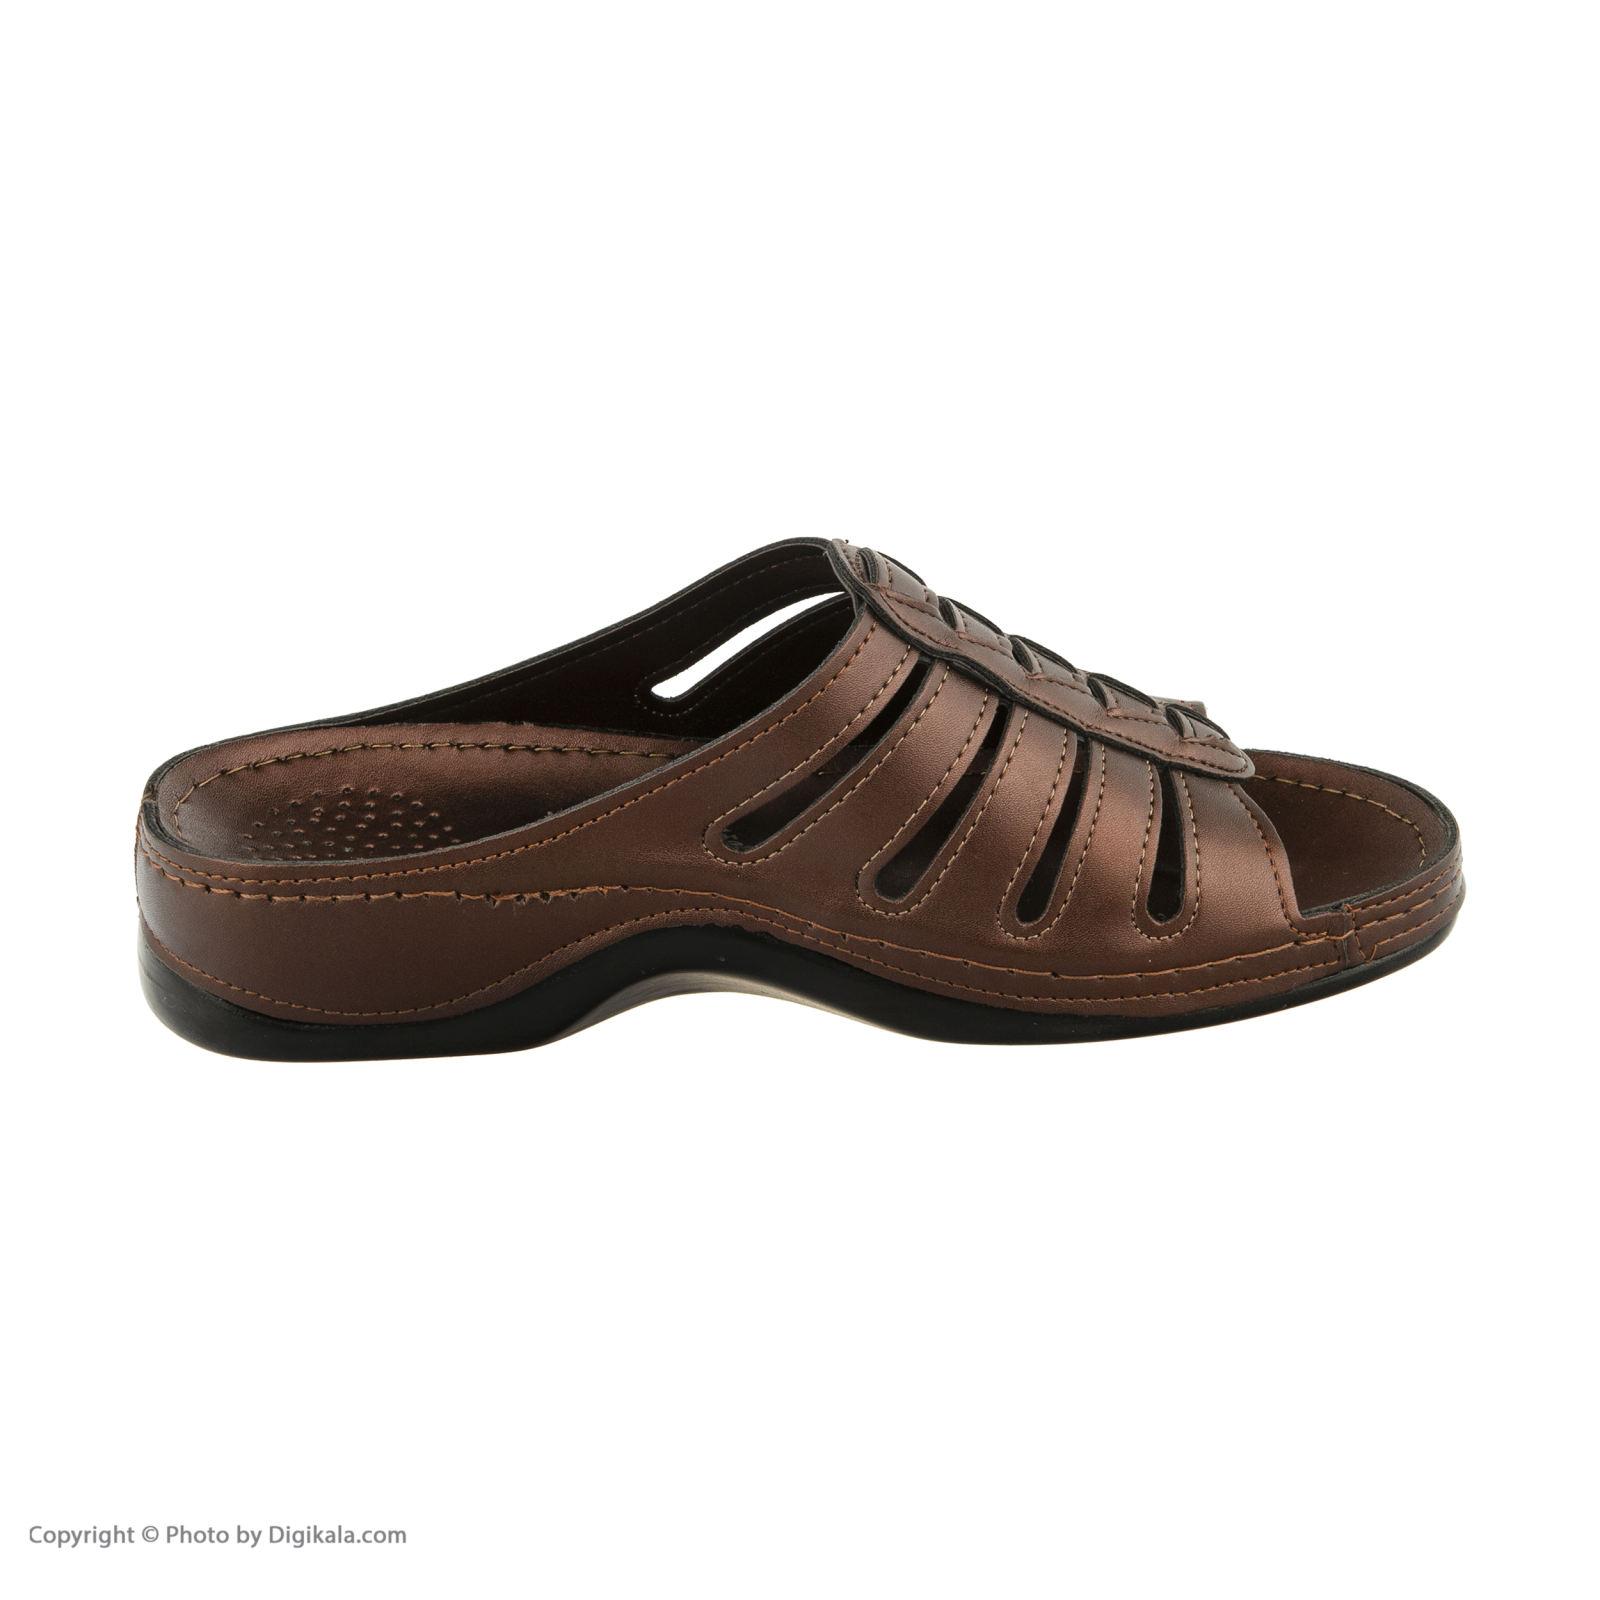 دمپایی زنانه کفش آویده کد av-0304212 رنگ مسی -  - 6